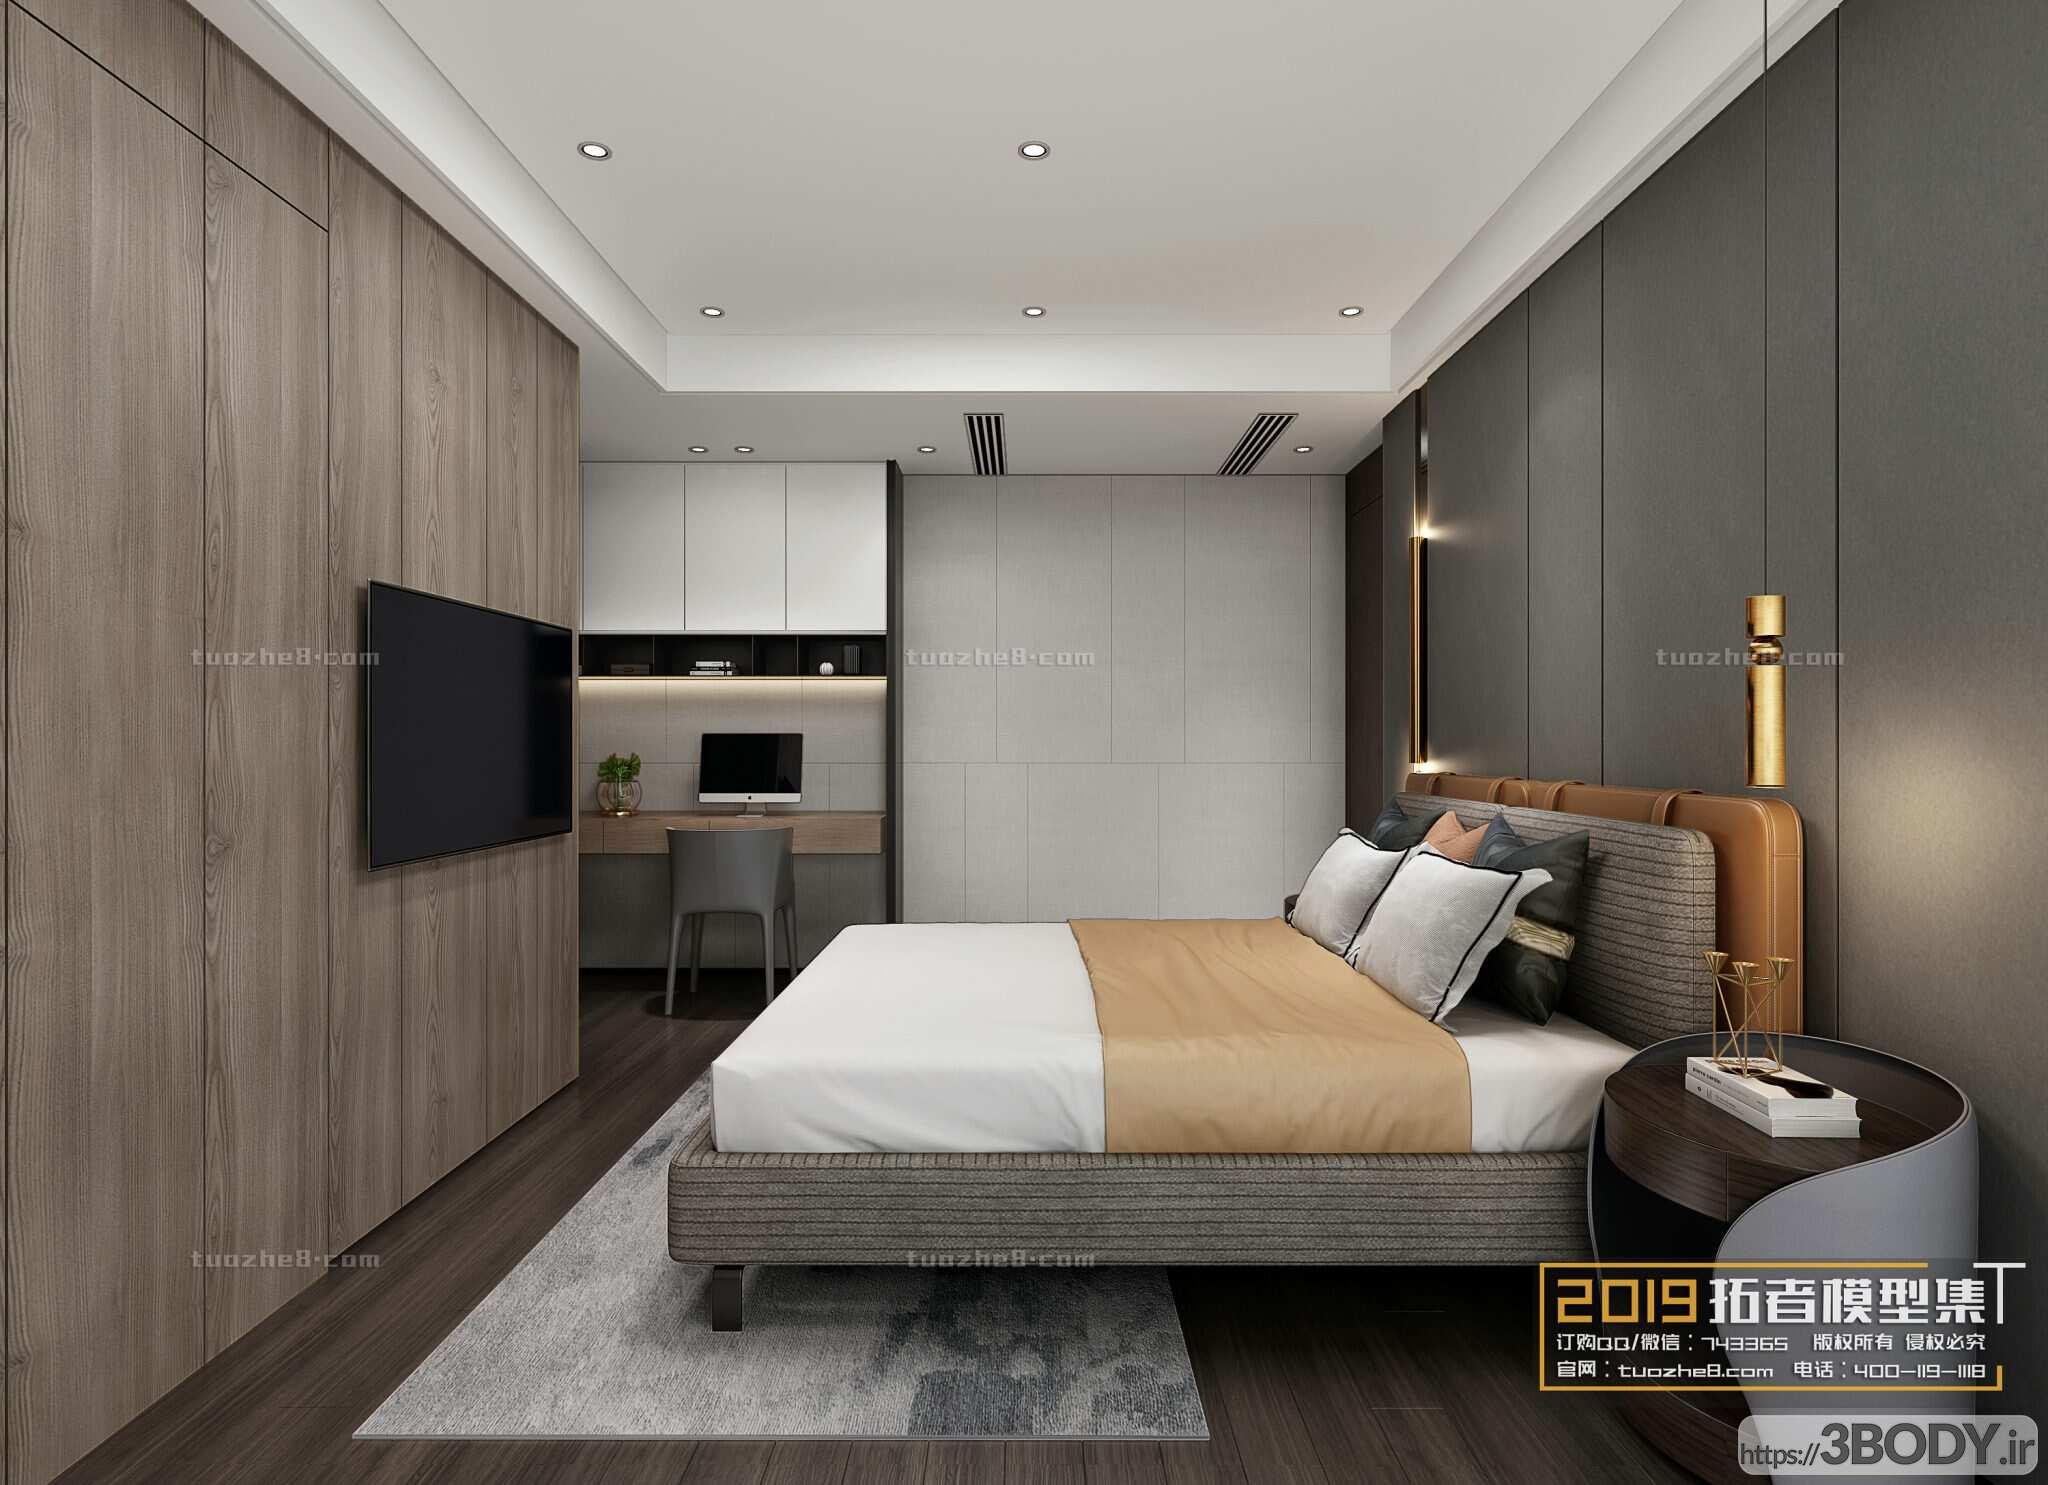 صحنه های آماده اتاق خواب به سبک مدرن عکس 1